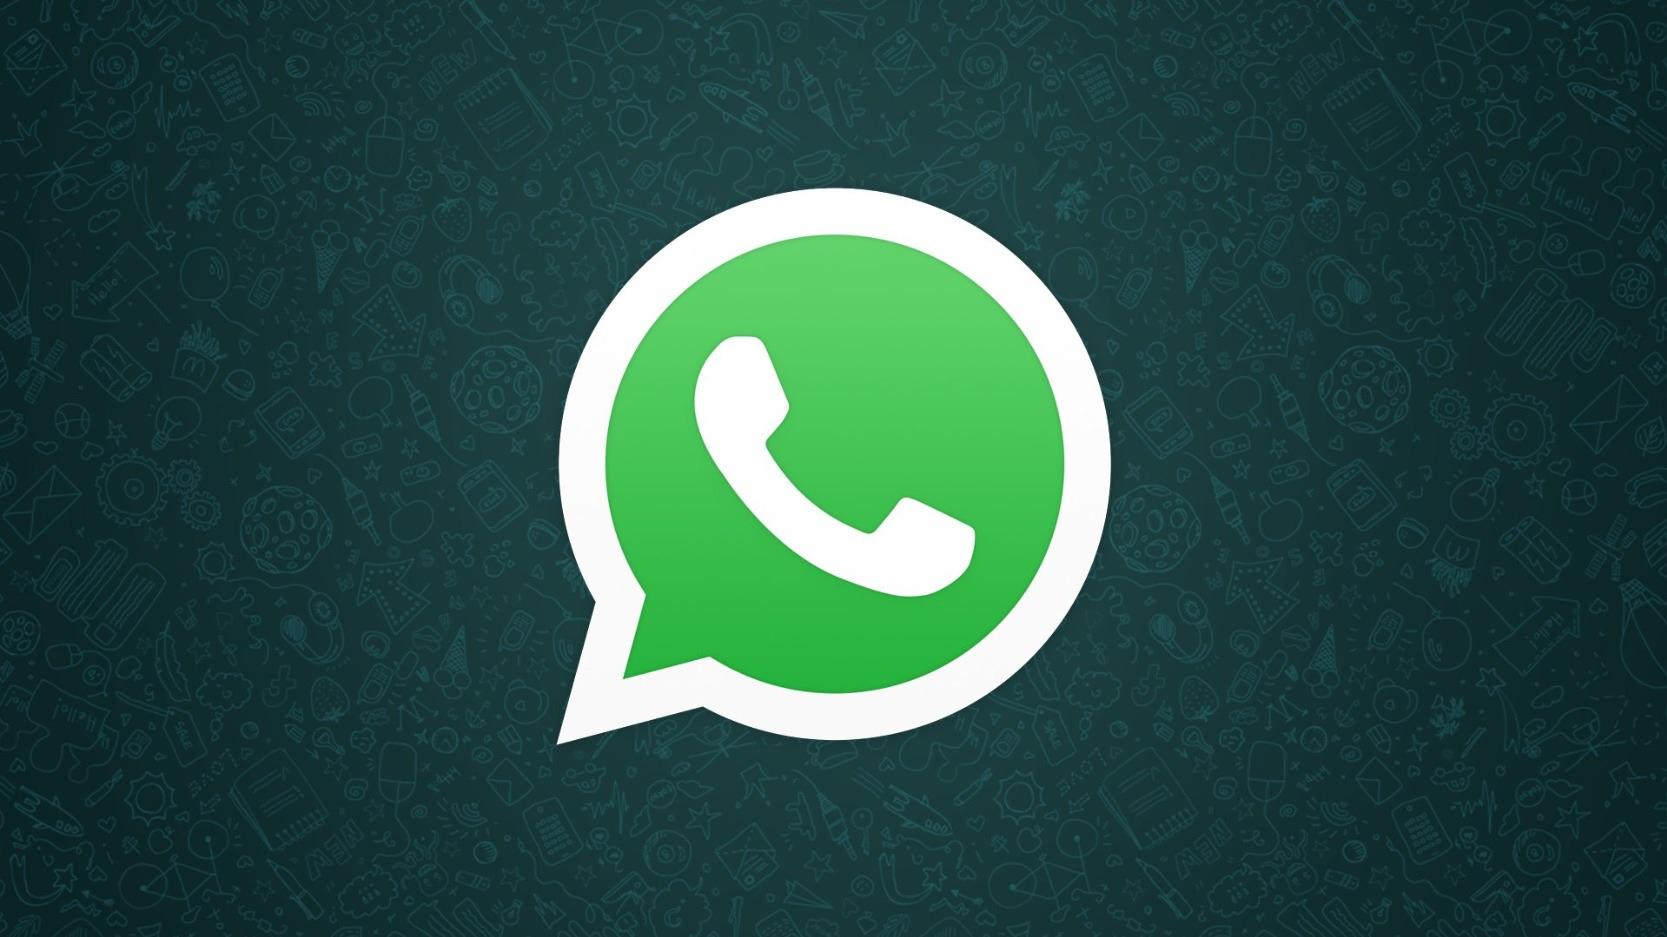 11778990 495 - تبلیغات به واتساپ راه پیدا خواهند کرد